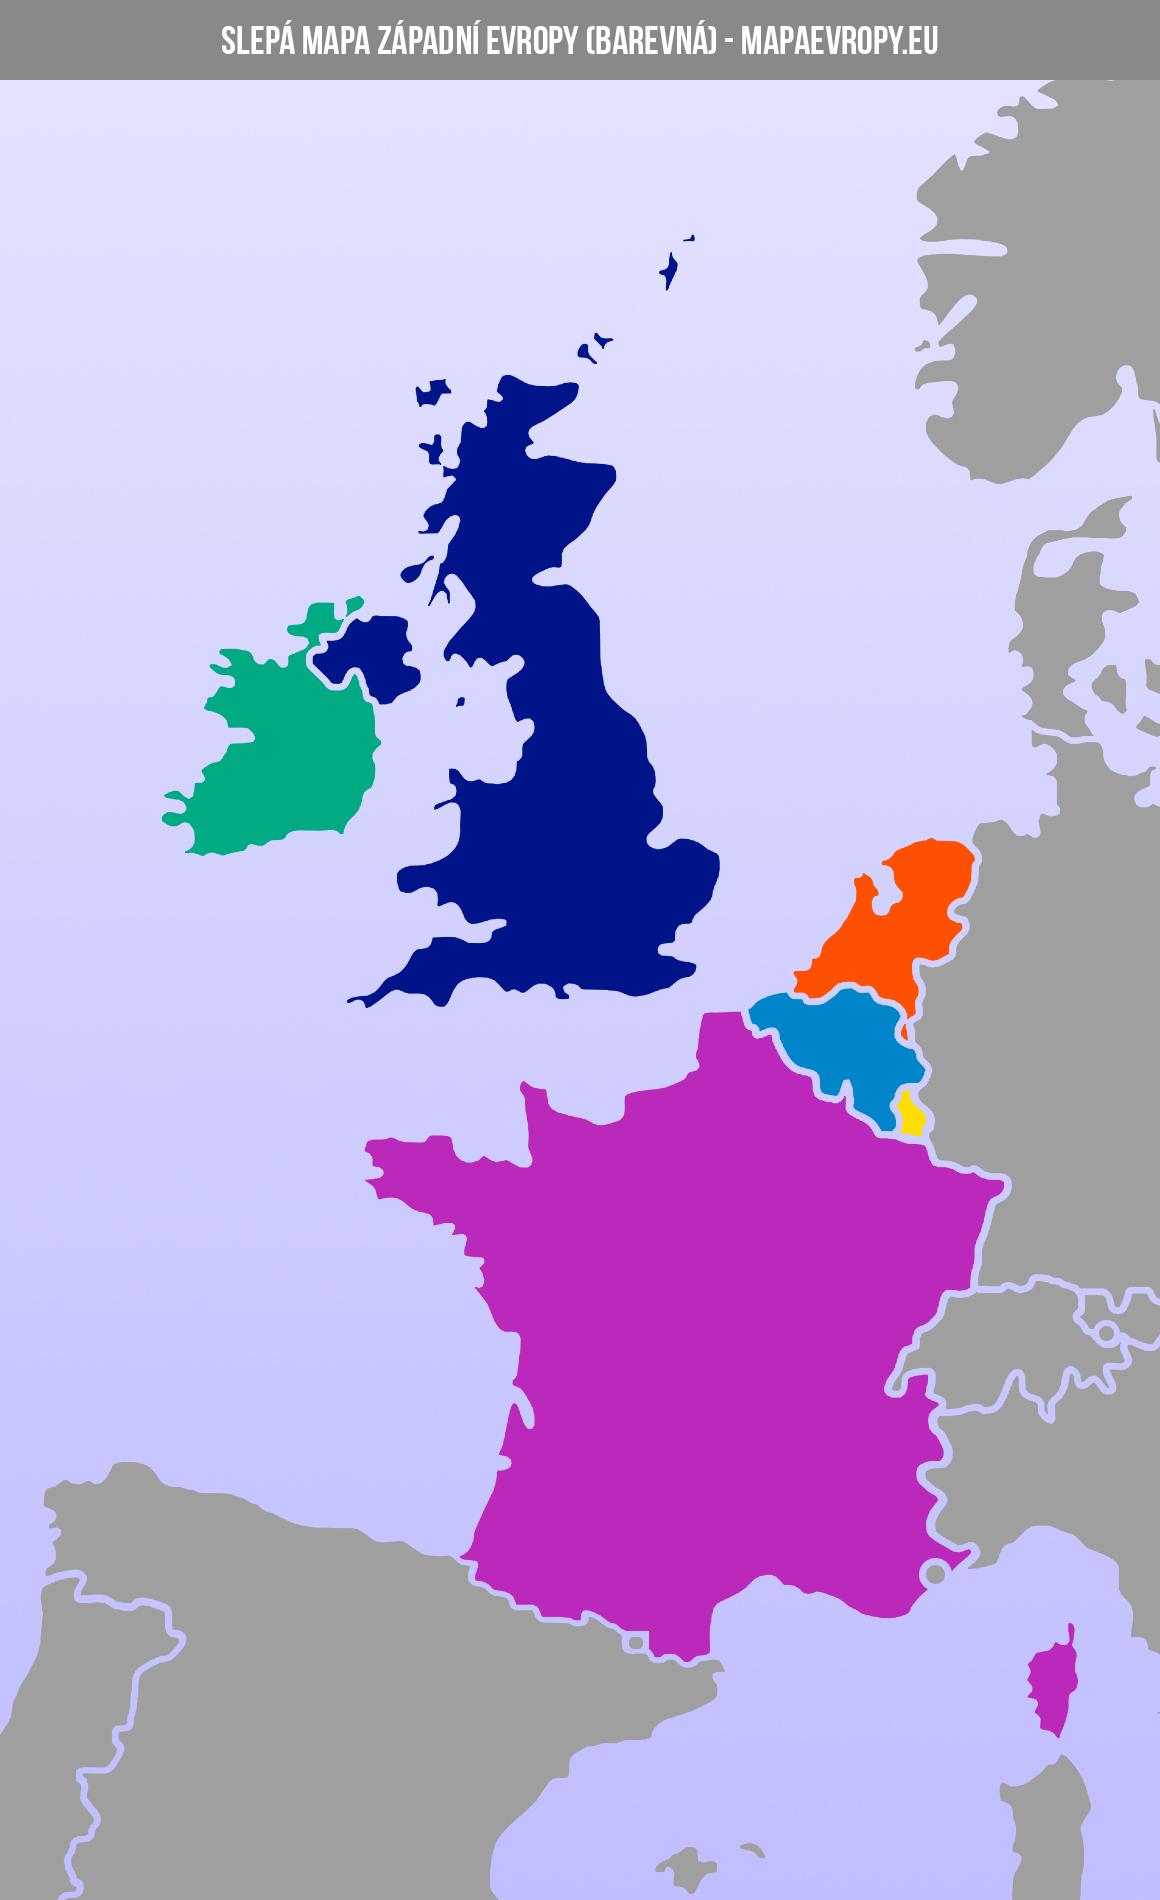 Slepá mapa západní Evropy